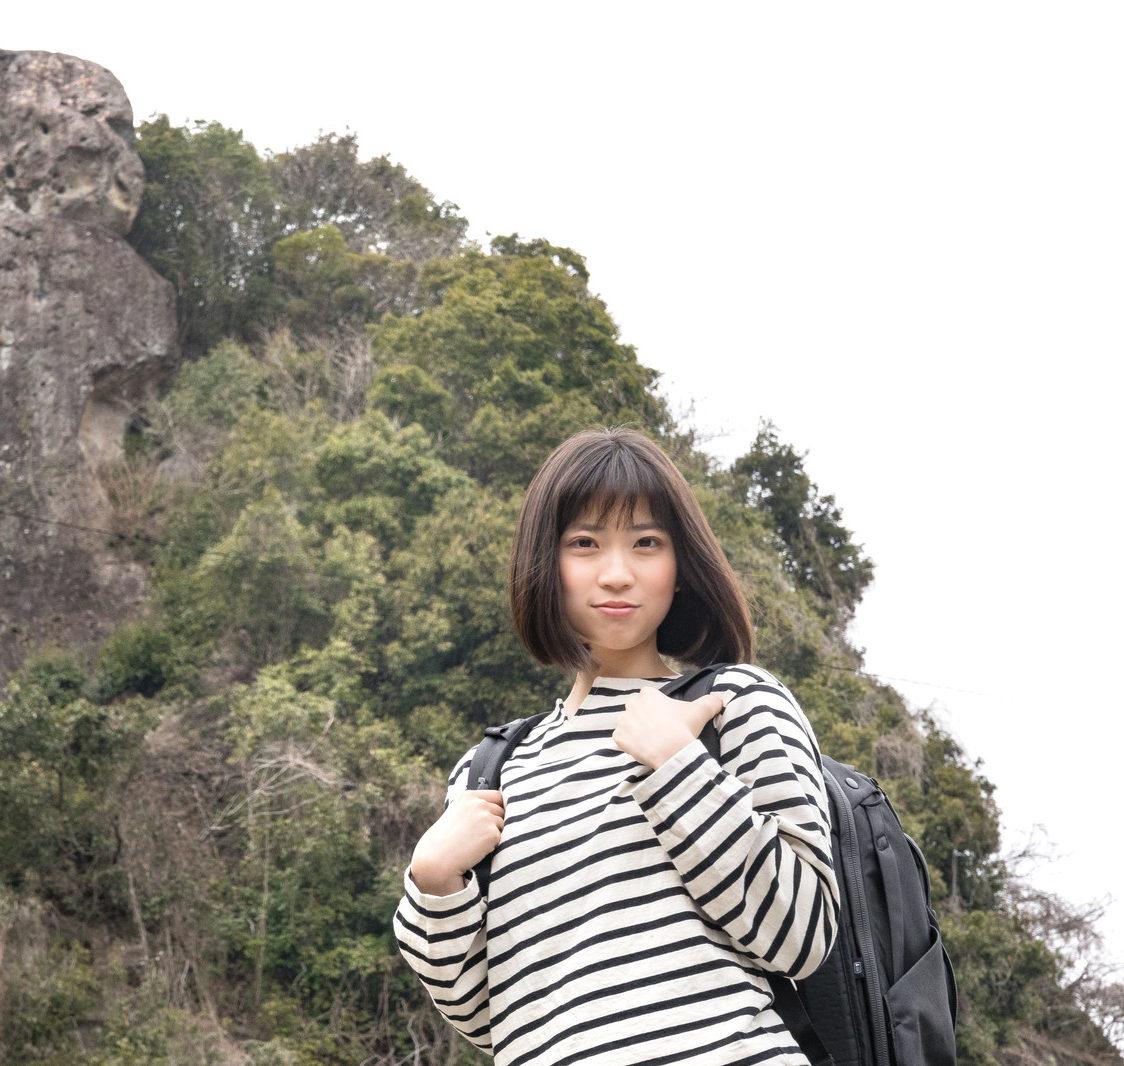 Amy Juang